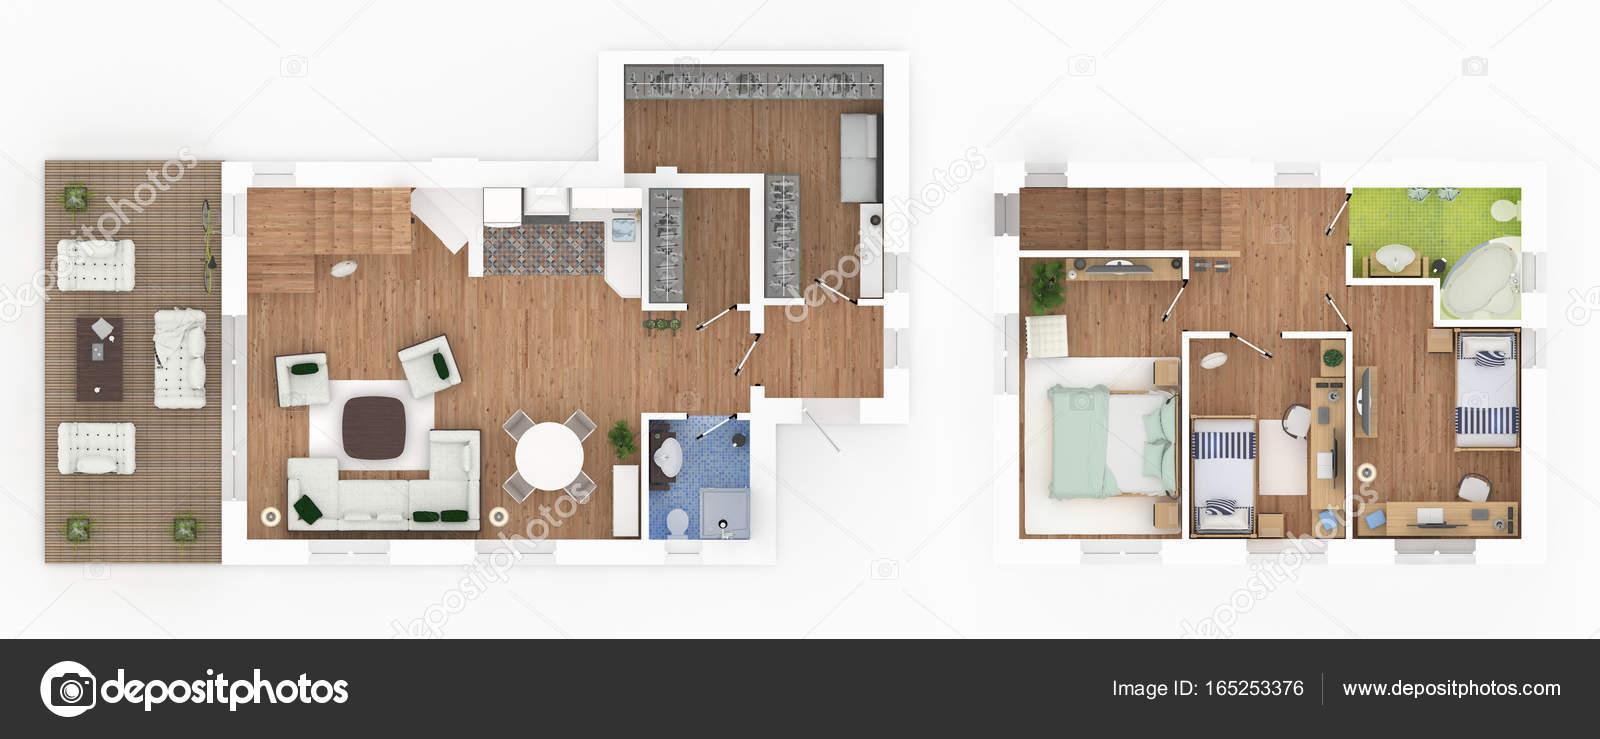 Perfect 1 Und 2 Stock Eingerichtete Haus Wohnung Loft U2014 Stockfoto